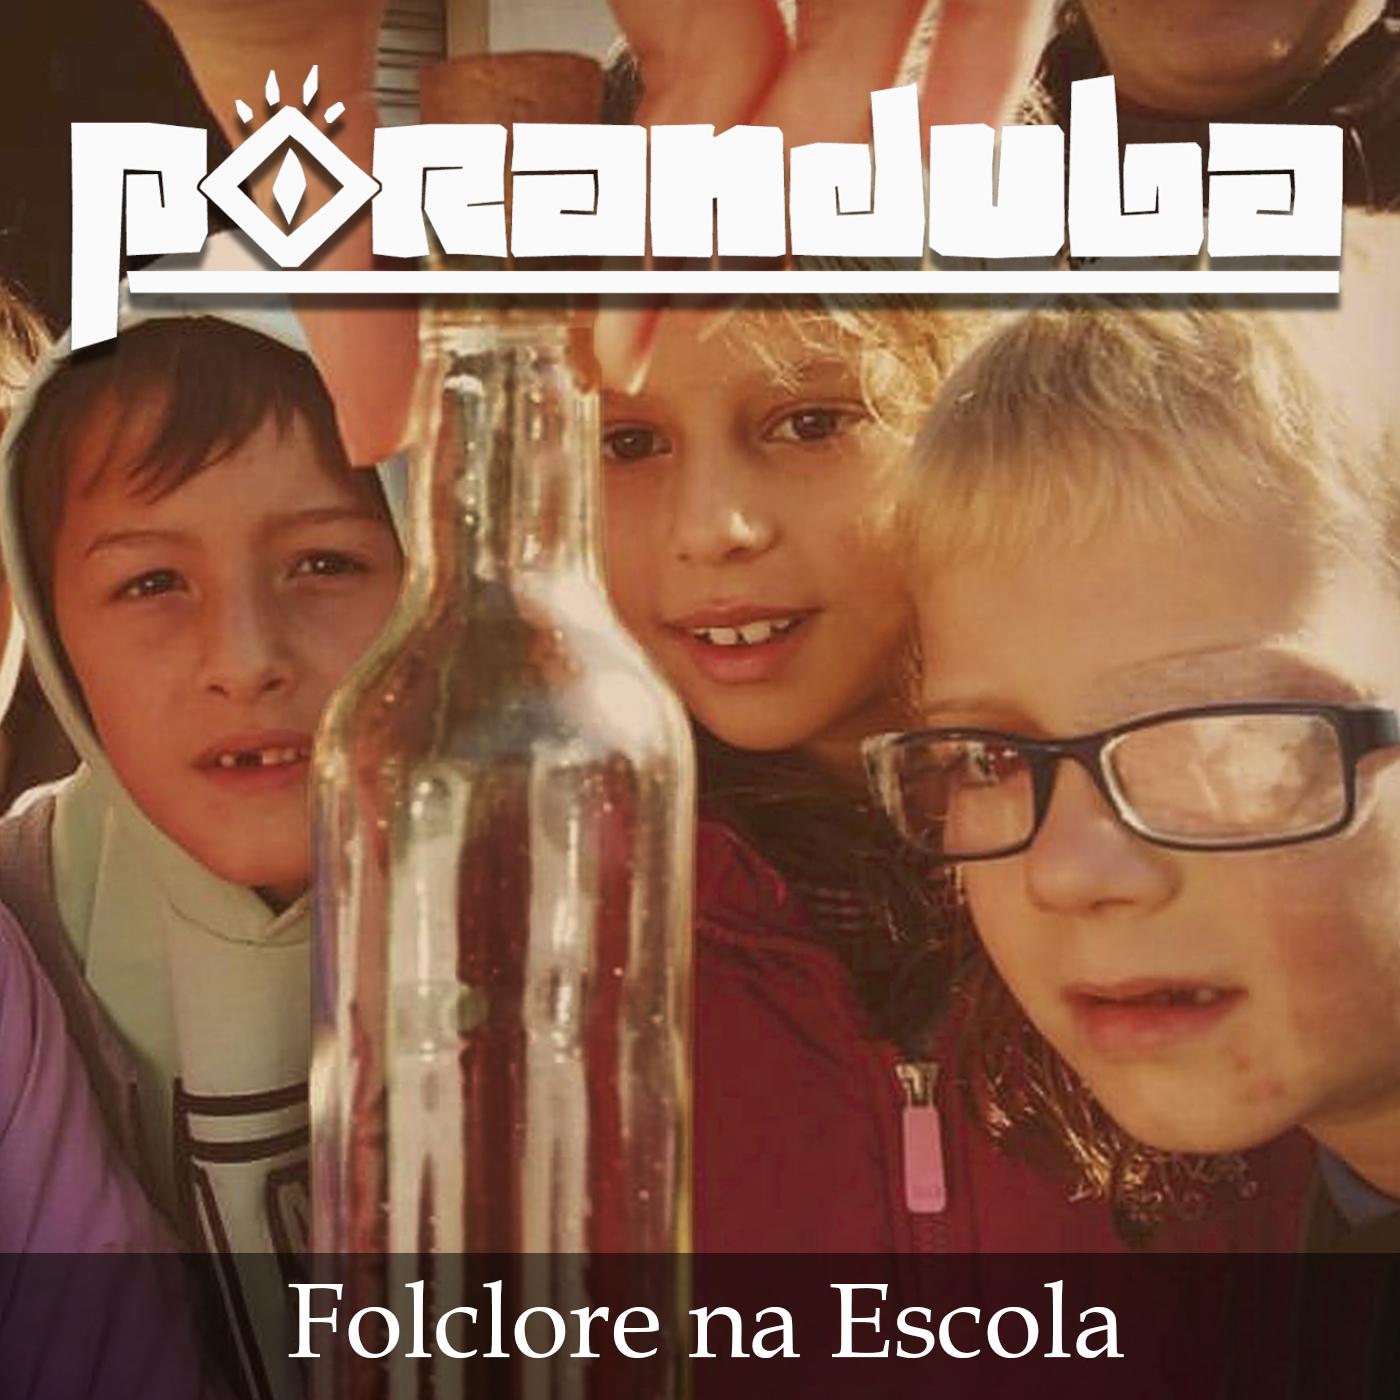 Podcast com ideias inovadoras sobre folclore na escola